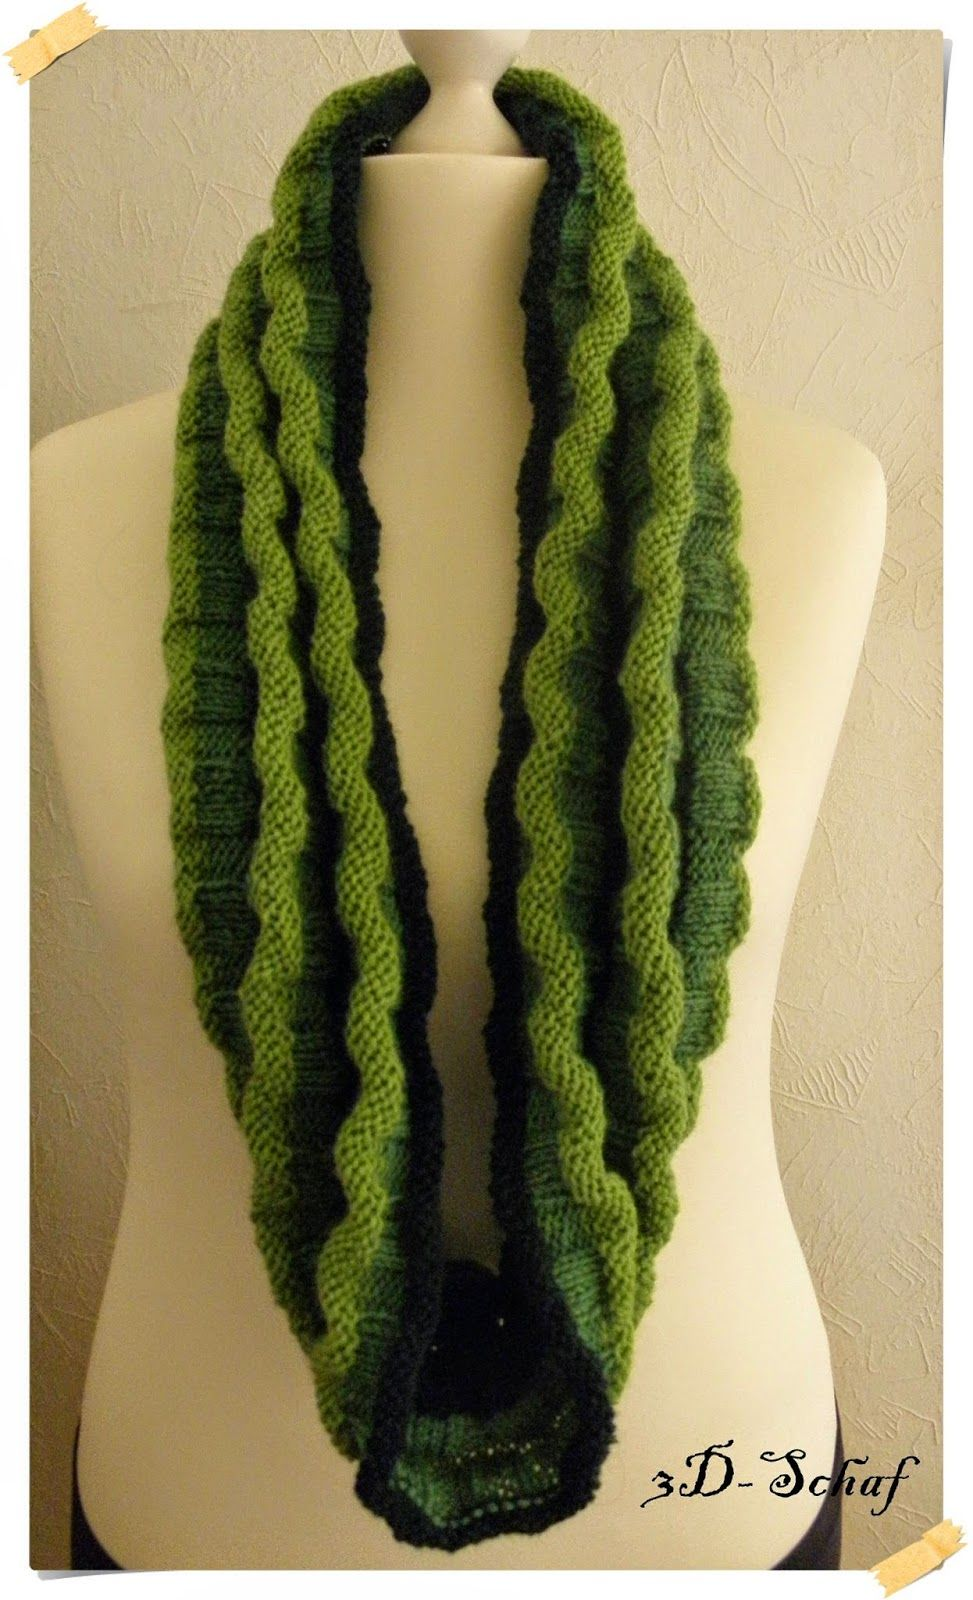 Wellenloop mit kurzer Anleitung | Stricken / Knitting | Pinterest ...